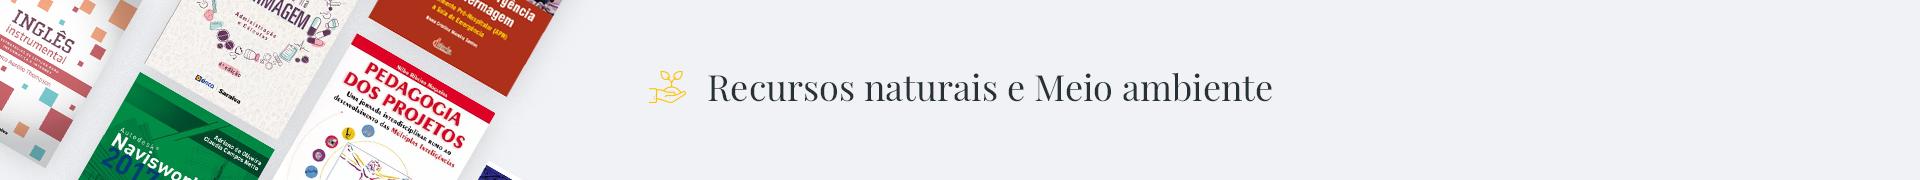 Recursos Naturais e Meio Ambiente